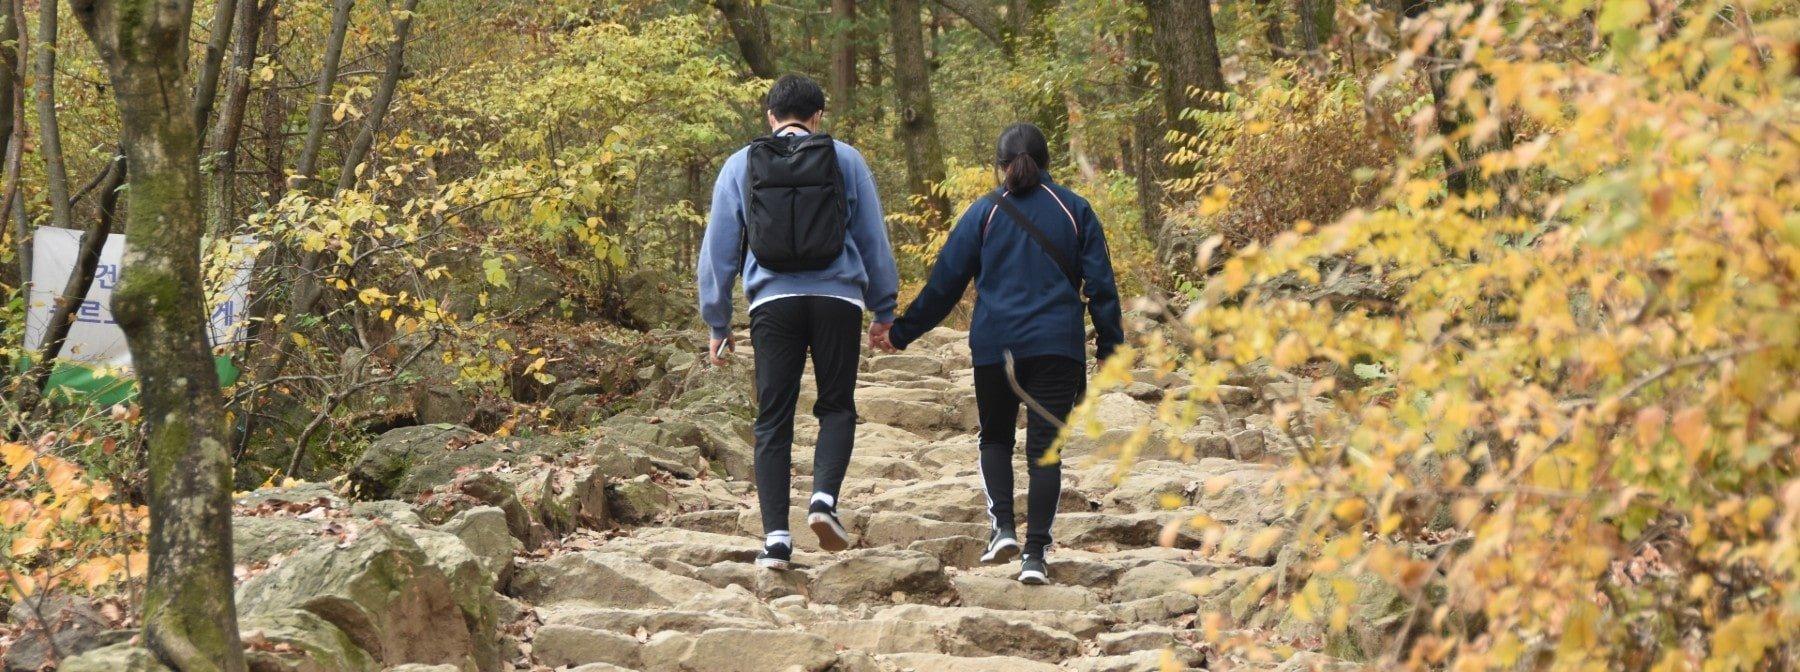 Das Spazierengehen mit einem Partner könnte dich langsamer machen - verrät neue Studie